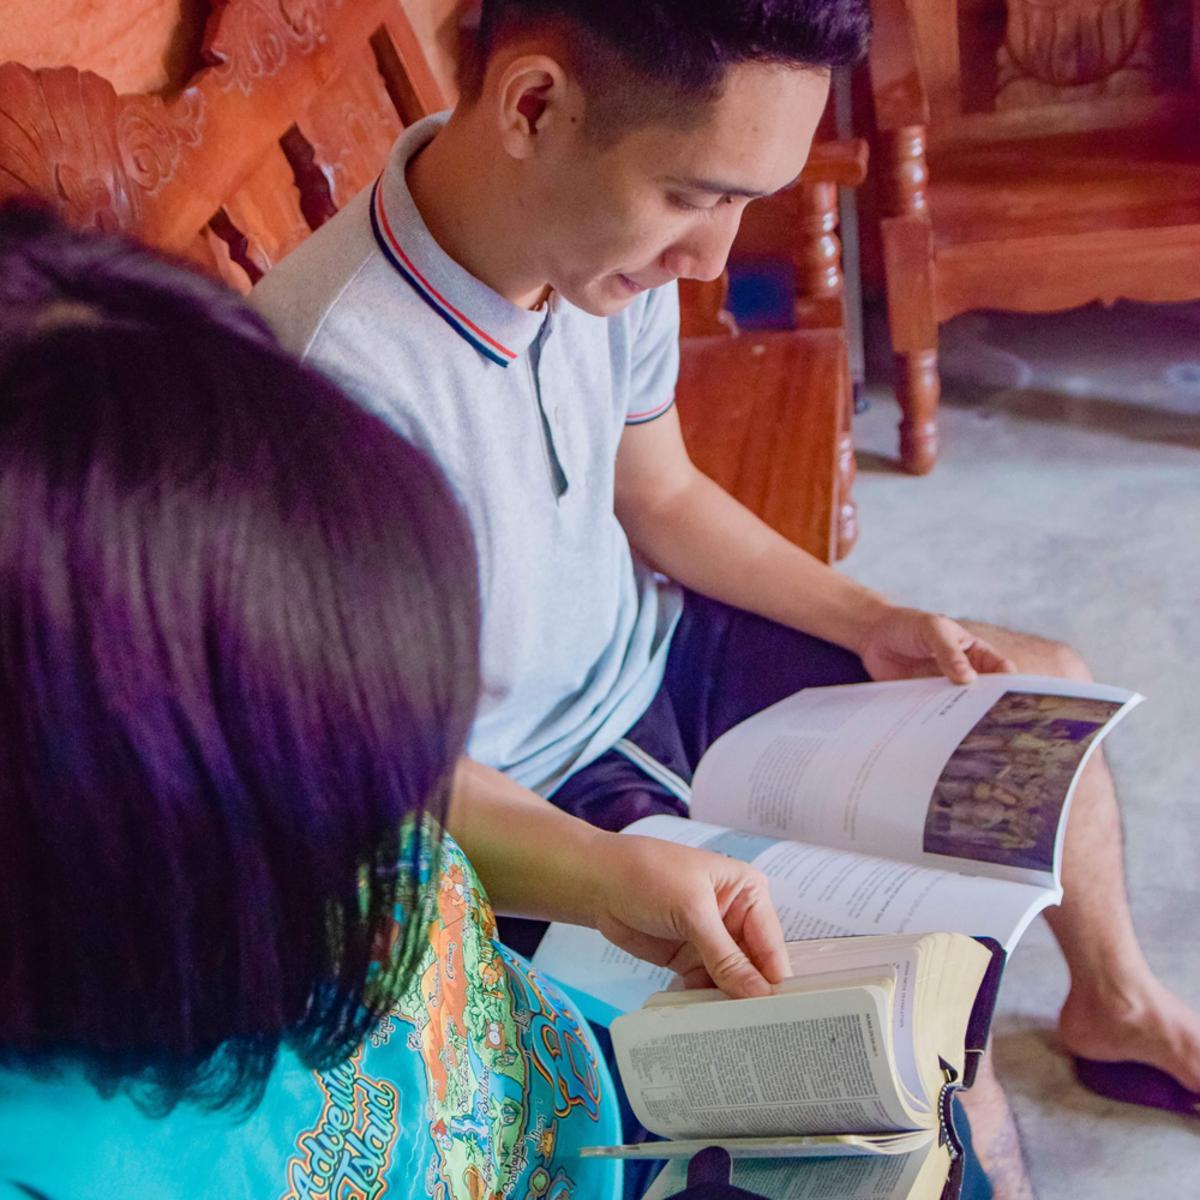 I sought refuge in the scriptures.